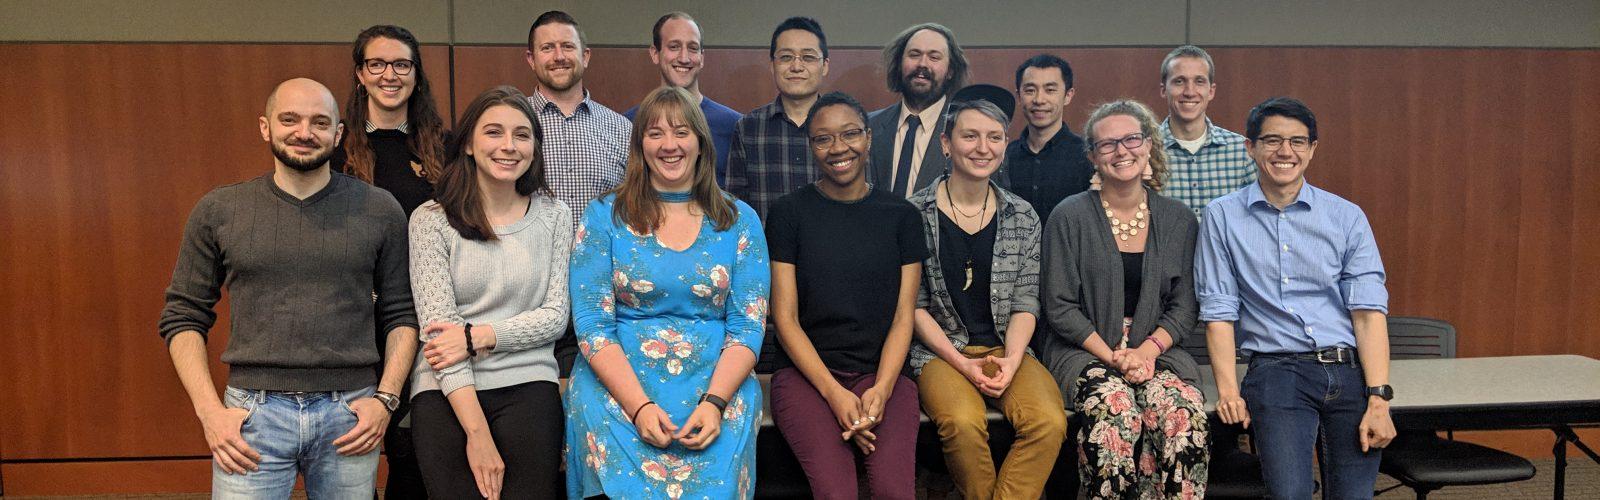 14 Scholars that presented at symposium